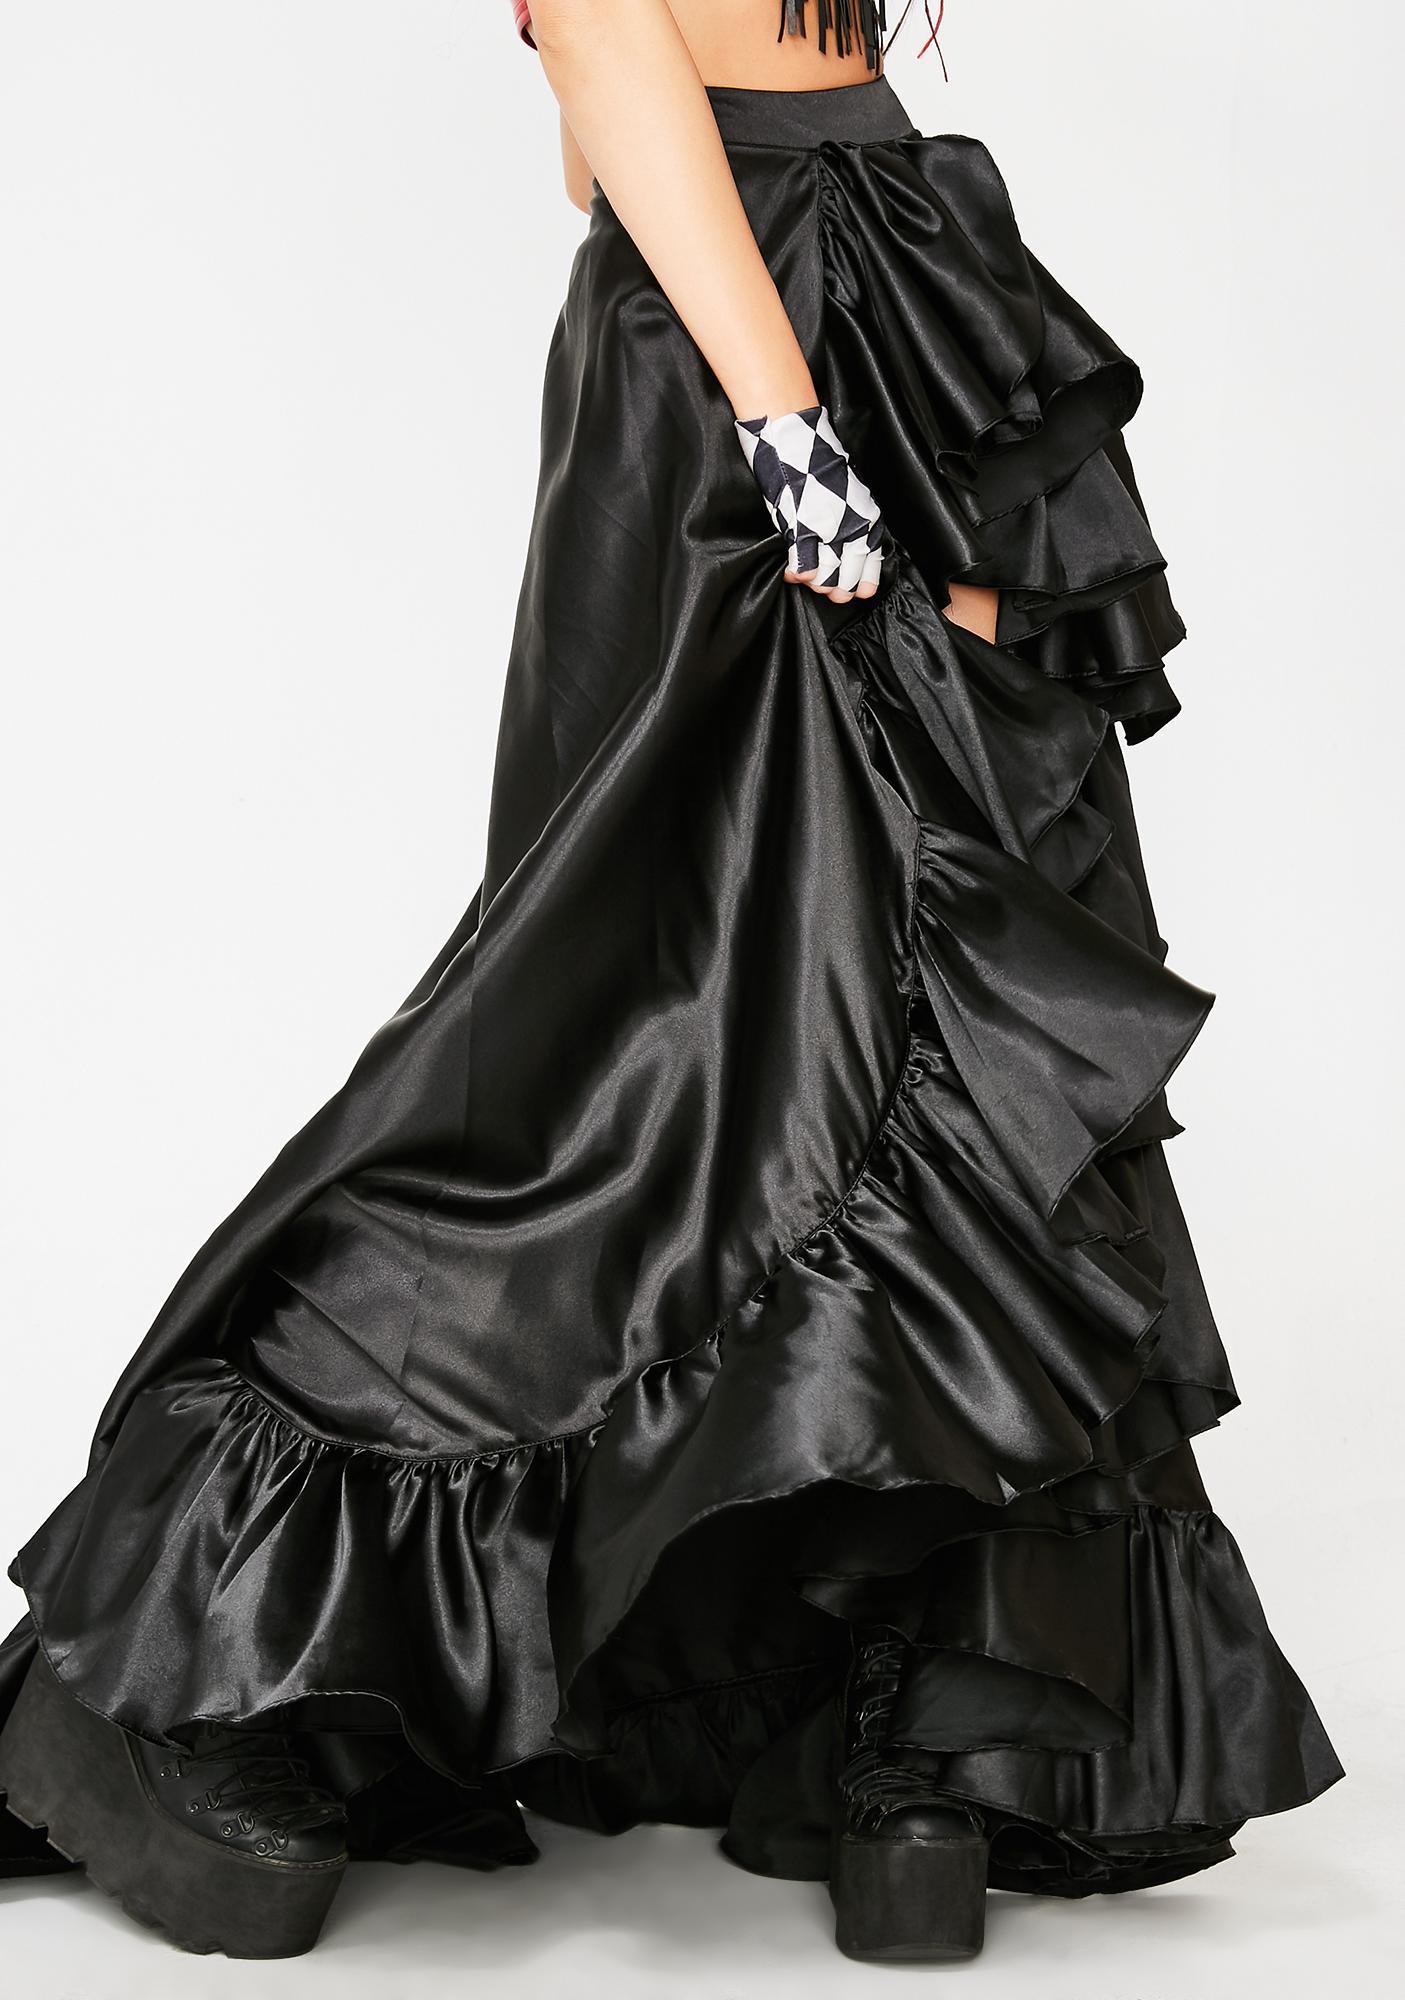 Kiki Riki Hail To The Kween High Low Skirt